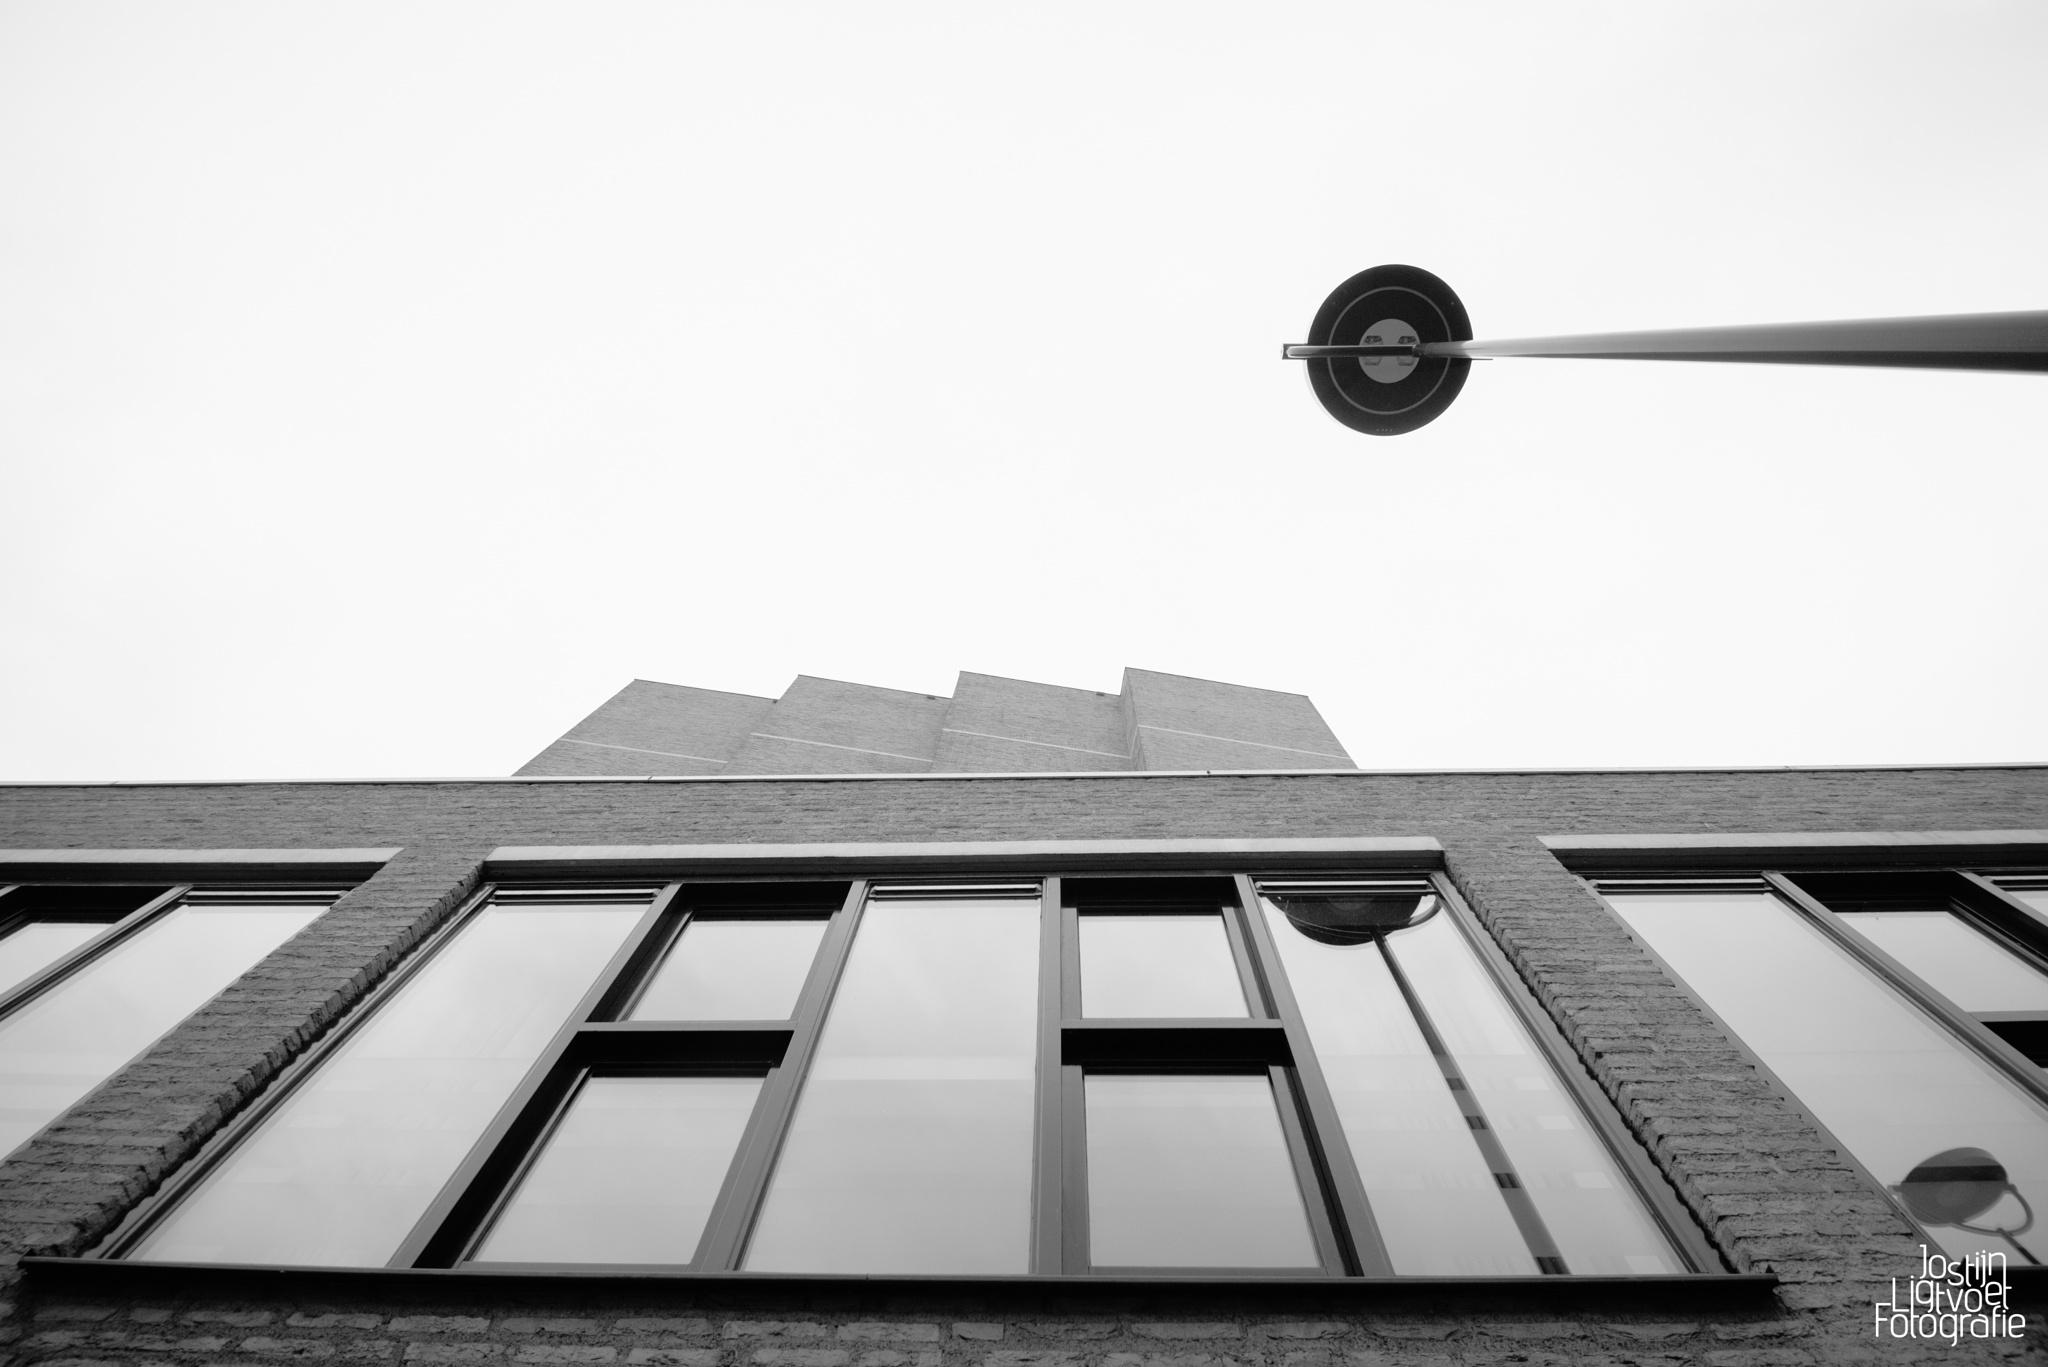 Theatre building by Jostijn Ligtvoet Fotografie